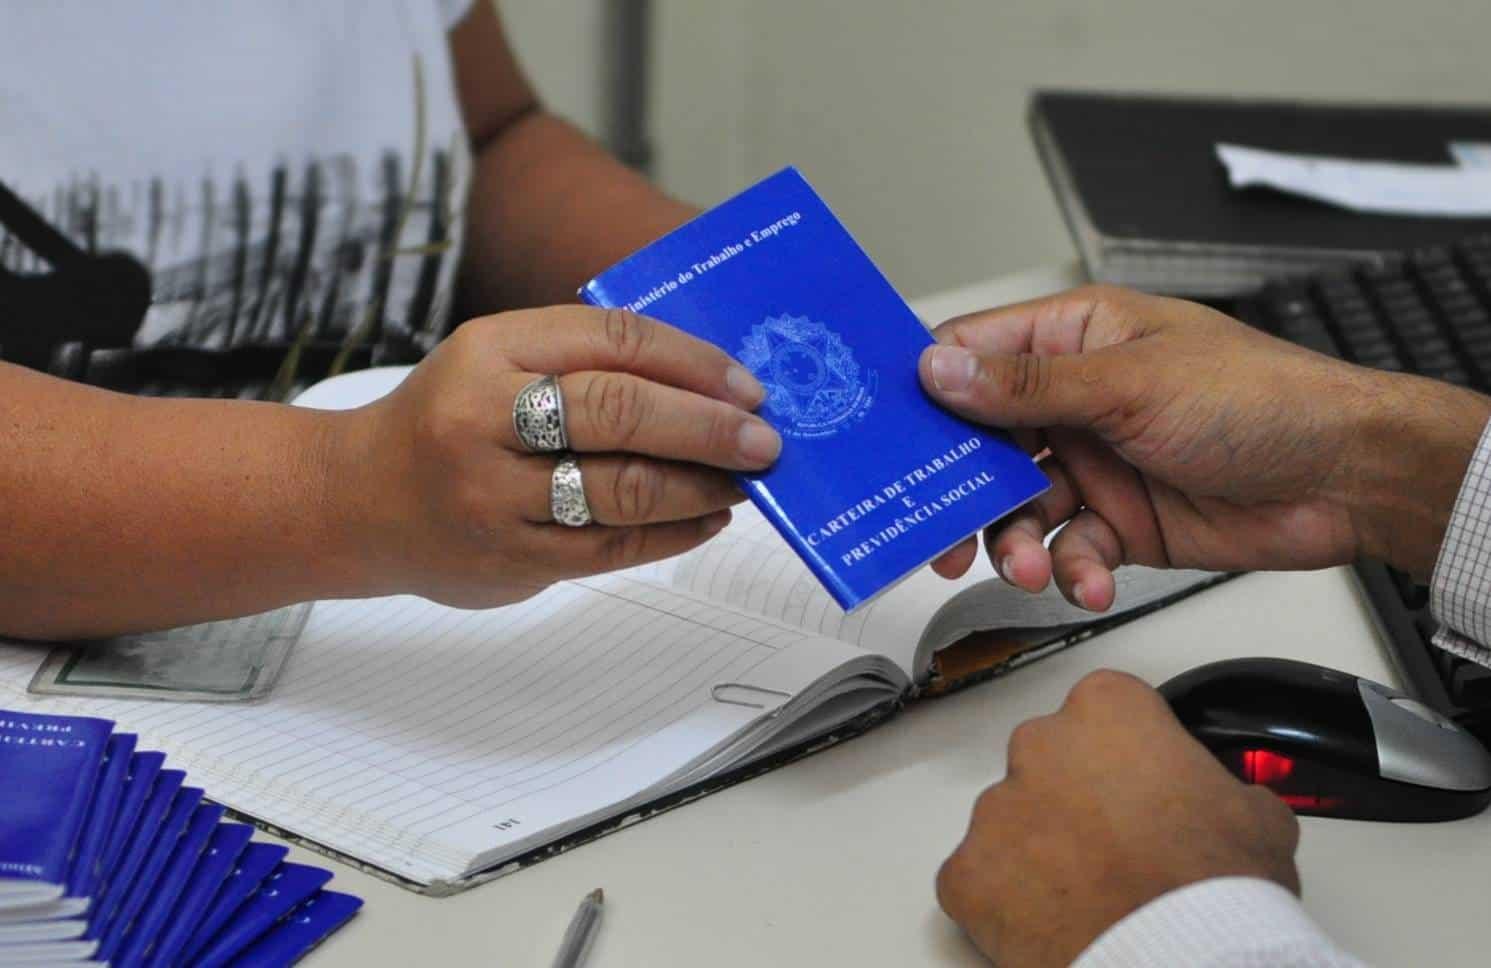 Assaí abre 236 vagas de emprego em diversos cargos